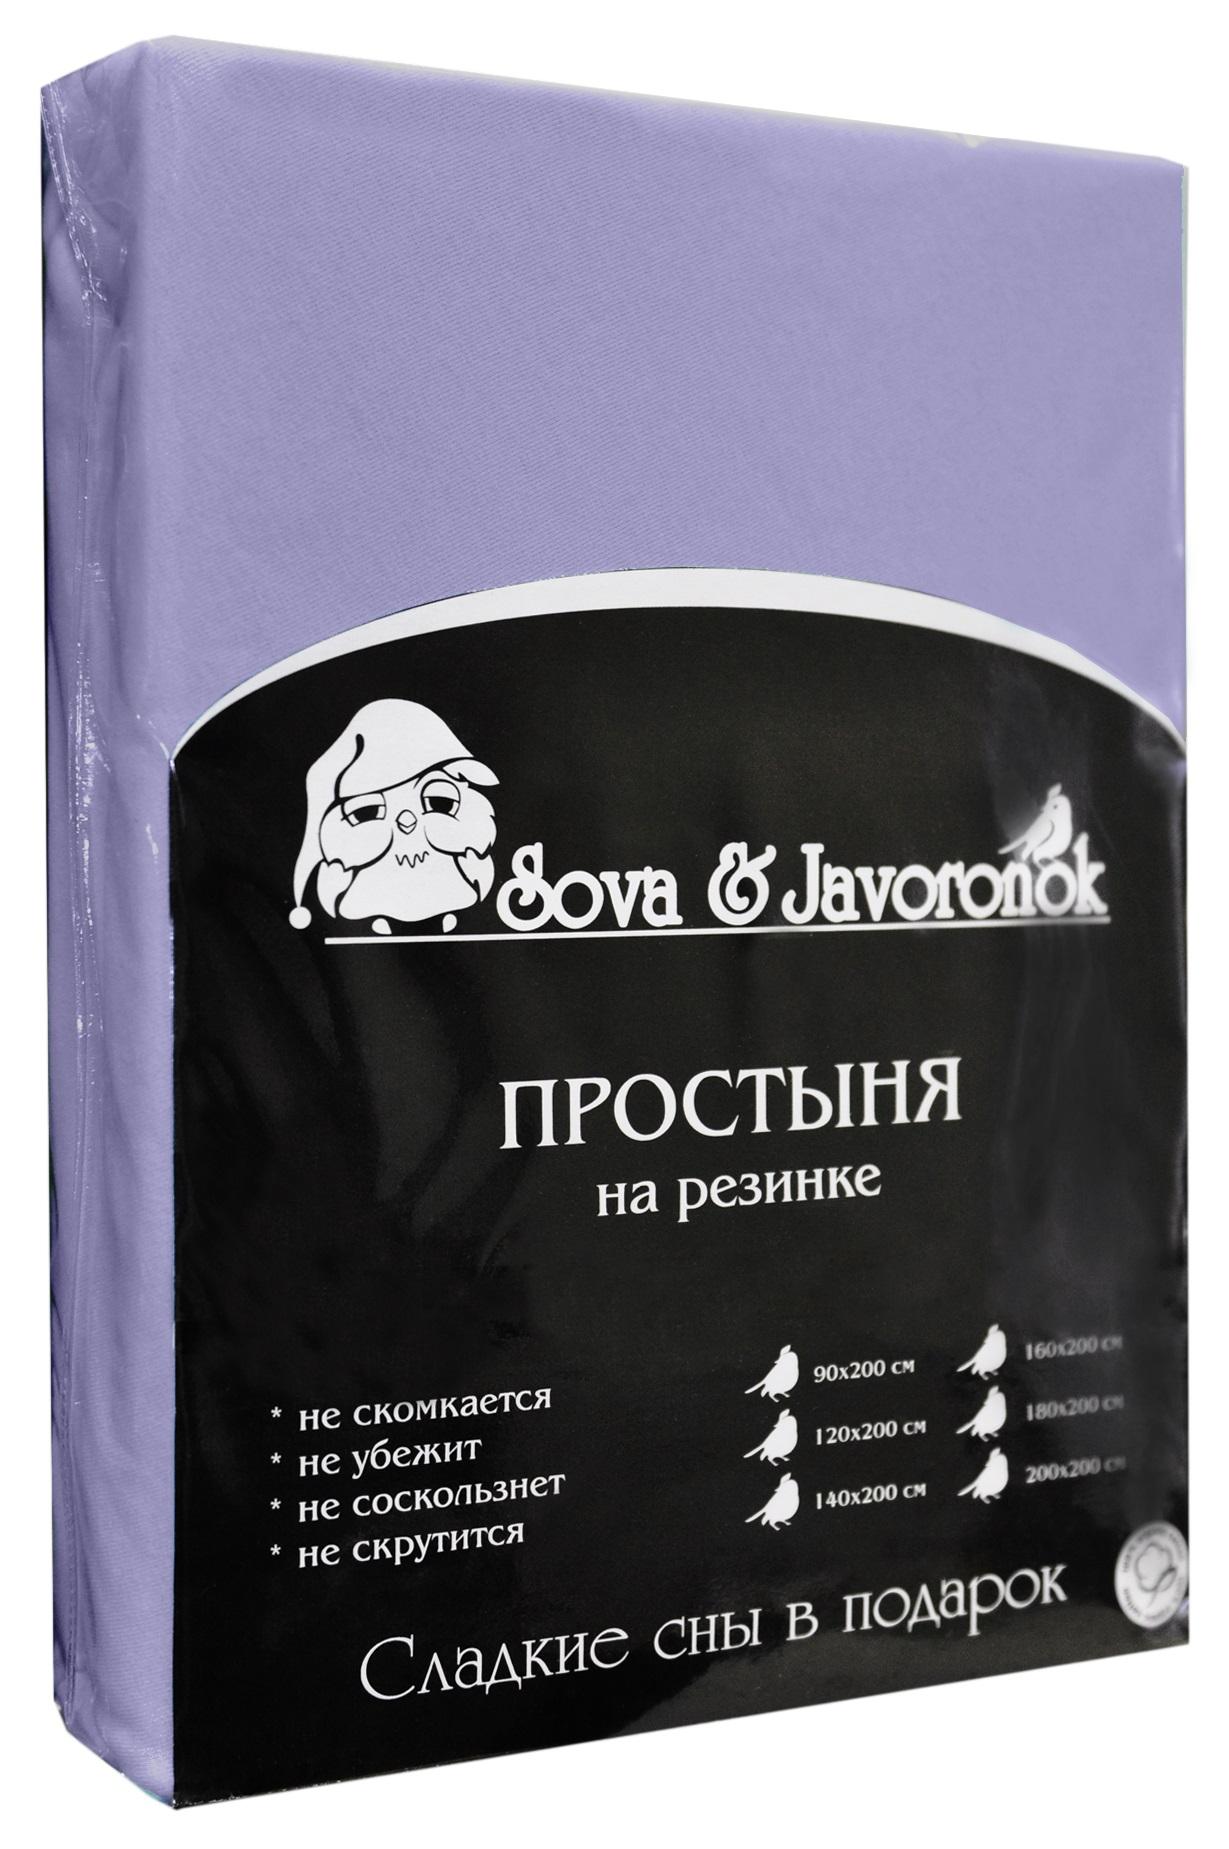 Простыня на резинке Sova & Javoronok, цвет: фиолетовый, 200 см х 200 смS03301004Простыня на резинке Sova & Javoronok, изготовленная из трикотажной ткани (100% хлопок), будет превосходно смотреться с любыми комплектами белья. Хлопчатобумажный трикотаж по праву считается одним из самых качественных, прочных и при этом приятных на ощупь. Его гигиеничность позволяет использовать простыню и в детских комнатах, к тому же 100%-ый хлопок в составе ткани не вызовет аллергии. У трикотажного полотна очень интересная структура, немного рыхлая за счет отсутствия плотного переплетения нитей и наличия особых петель, благодаря этому простыня Сова и Жаворонок отлично пропускает воздух и способствует его постоянной циркуляции. Поэтому ваша постель будет всегда оставаться свежей. Но главное и, пожалуй, самое известное свойство трикотажа - это его великолепная растяжимость, поэтому эта ткань и была выбрана для натяжной простыни на резинке.Простыня прошита резинкой по всему периметру, что обеспечивает более комфортный отдых, так как она прочно удерживается на матрасе и избавляет от необходимости часто поправлять простыню.